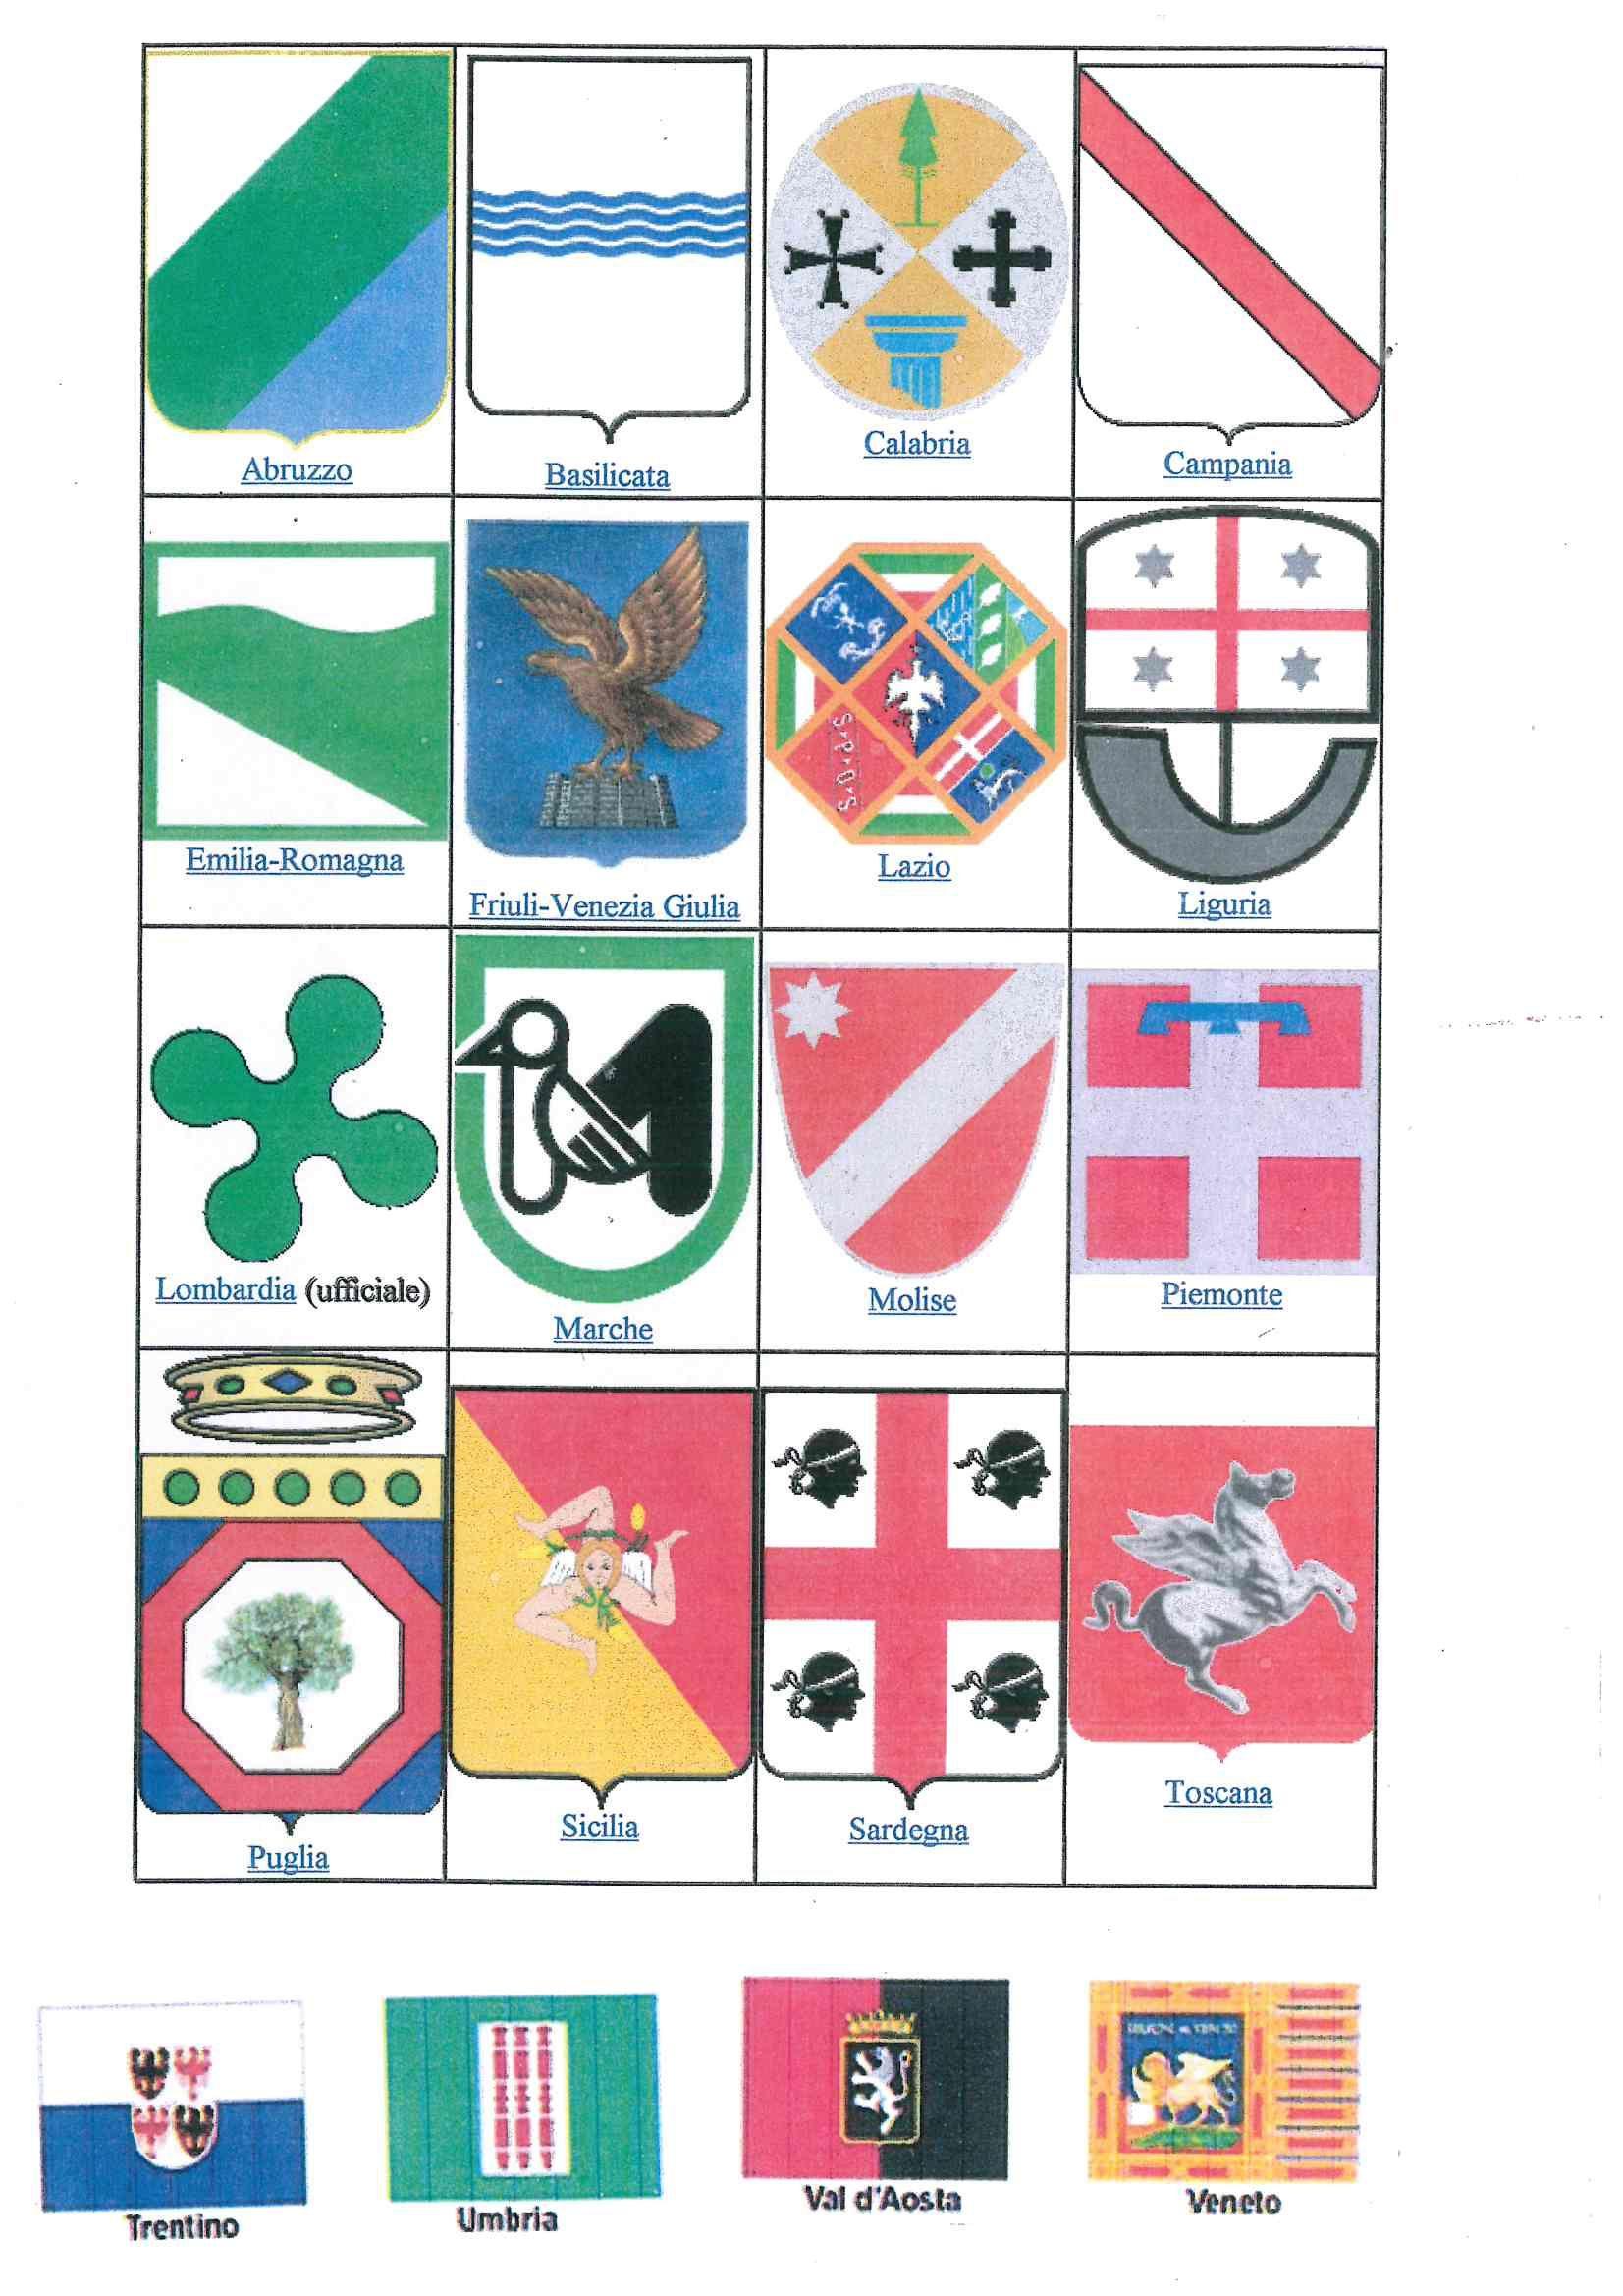 Pin di elena bonamini su libri kids 39 rugs desktop e rugs for Stemma della repubblica italiana da colorare